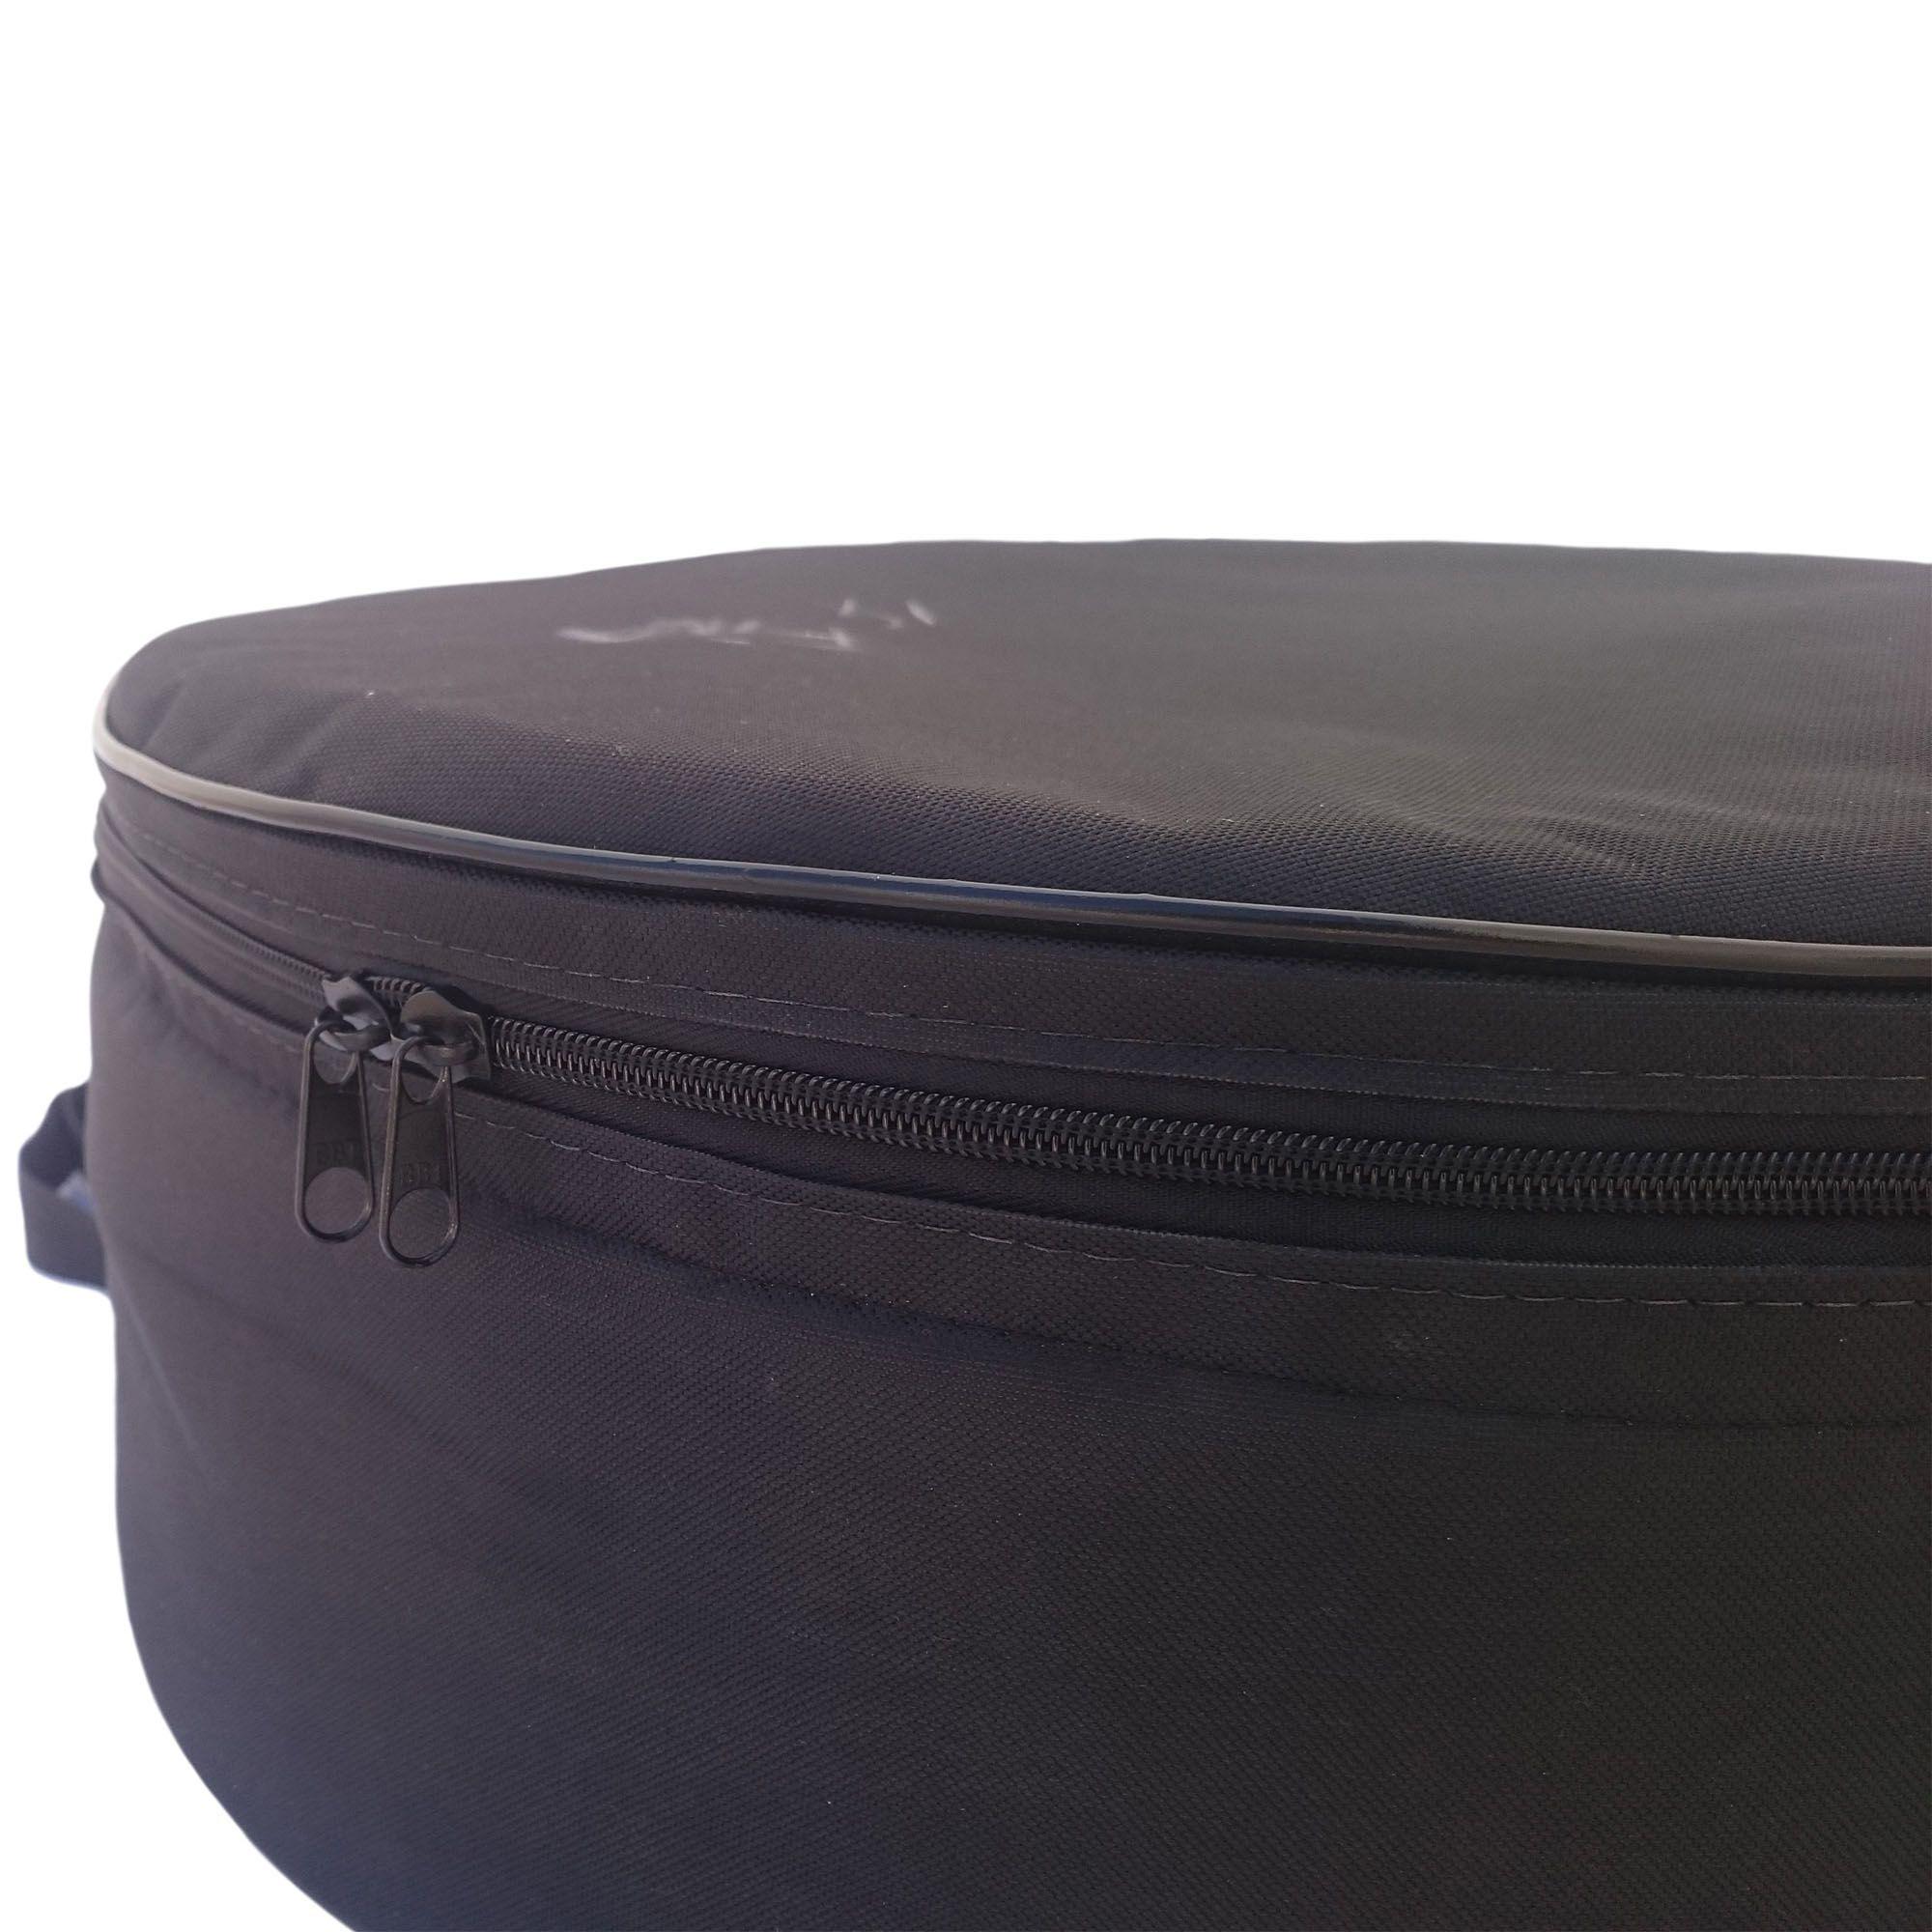 """Capa Bag Extra Luxo para Caixa De Bateria 14"""" x 12cm para Bateria CLAVE & BAG. Totalmente acolchoado"""